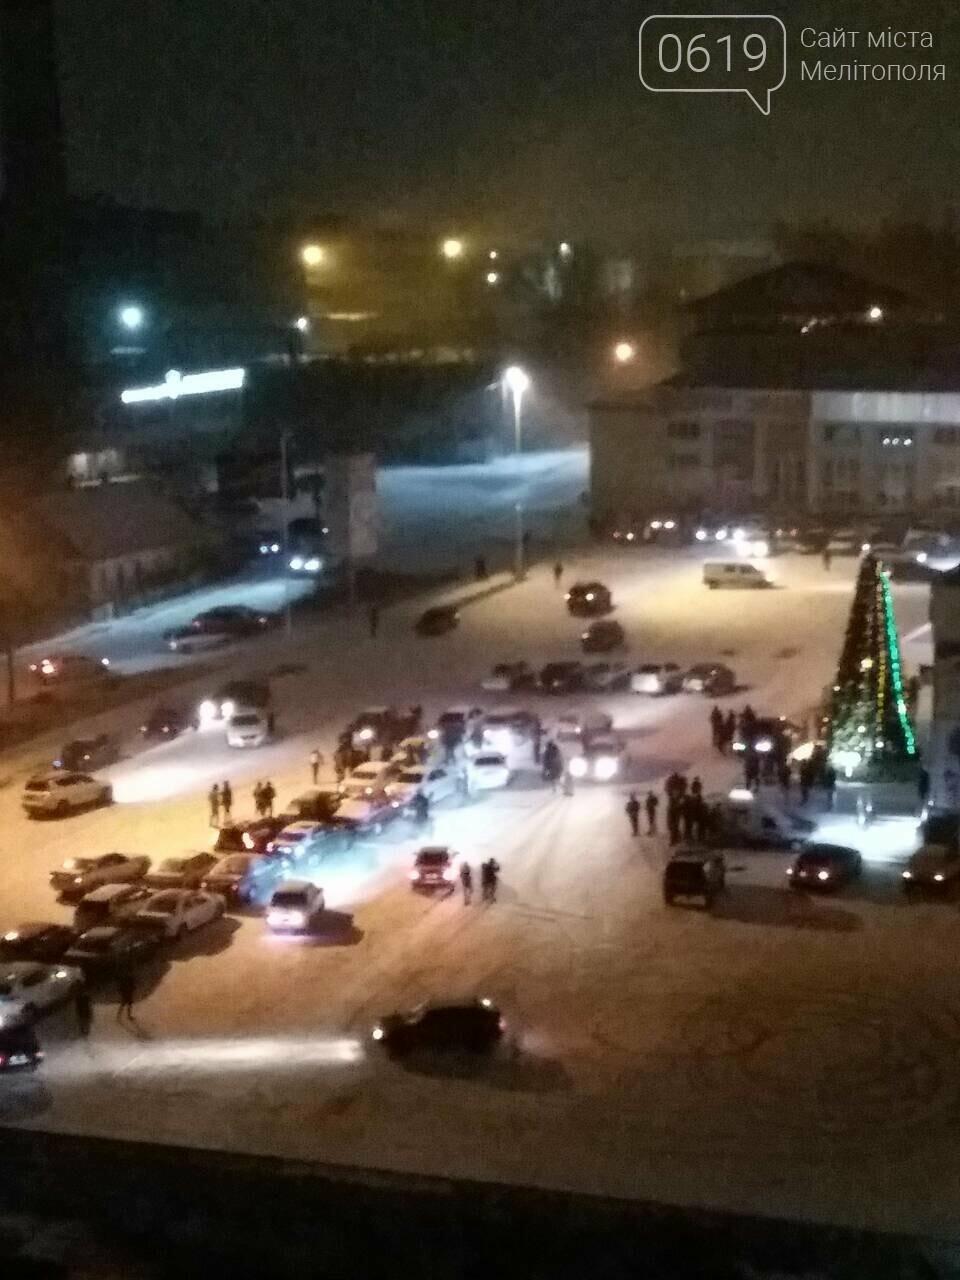 В Мелитополе собрали огромную елку из автомобилей, фото-1